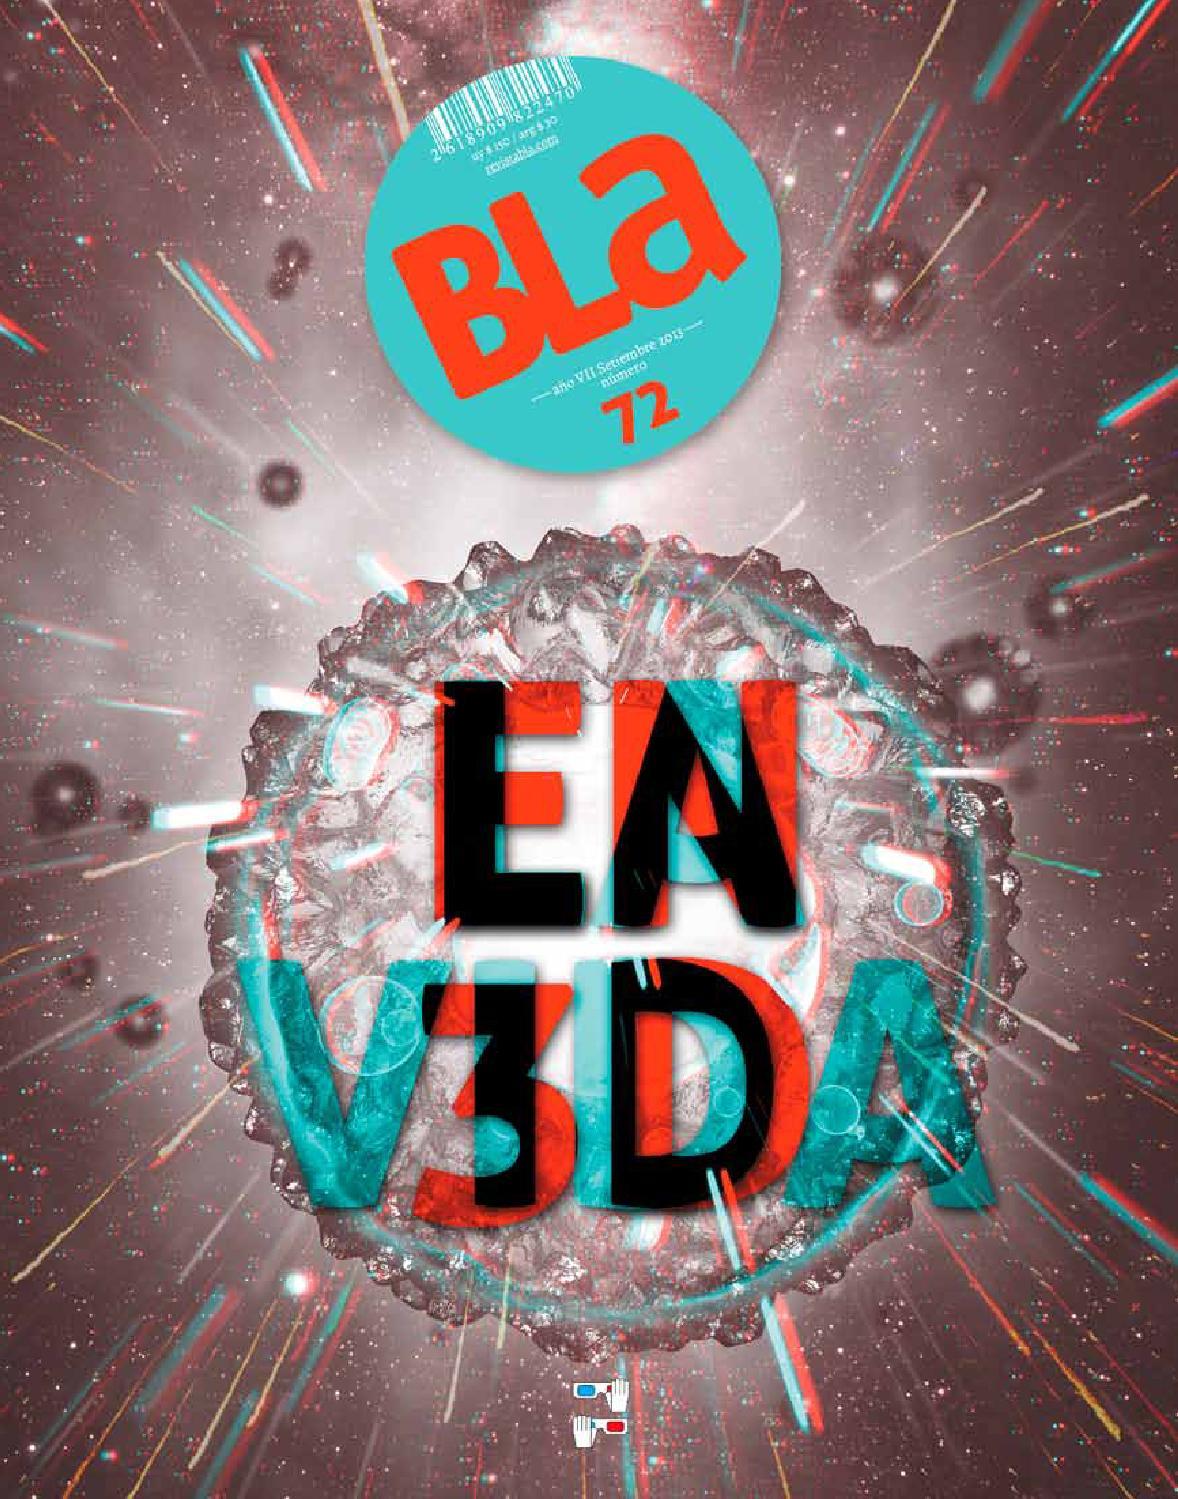 Bla 072 by editorial bla issuu